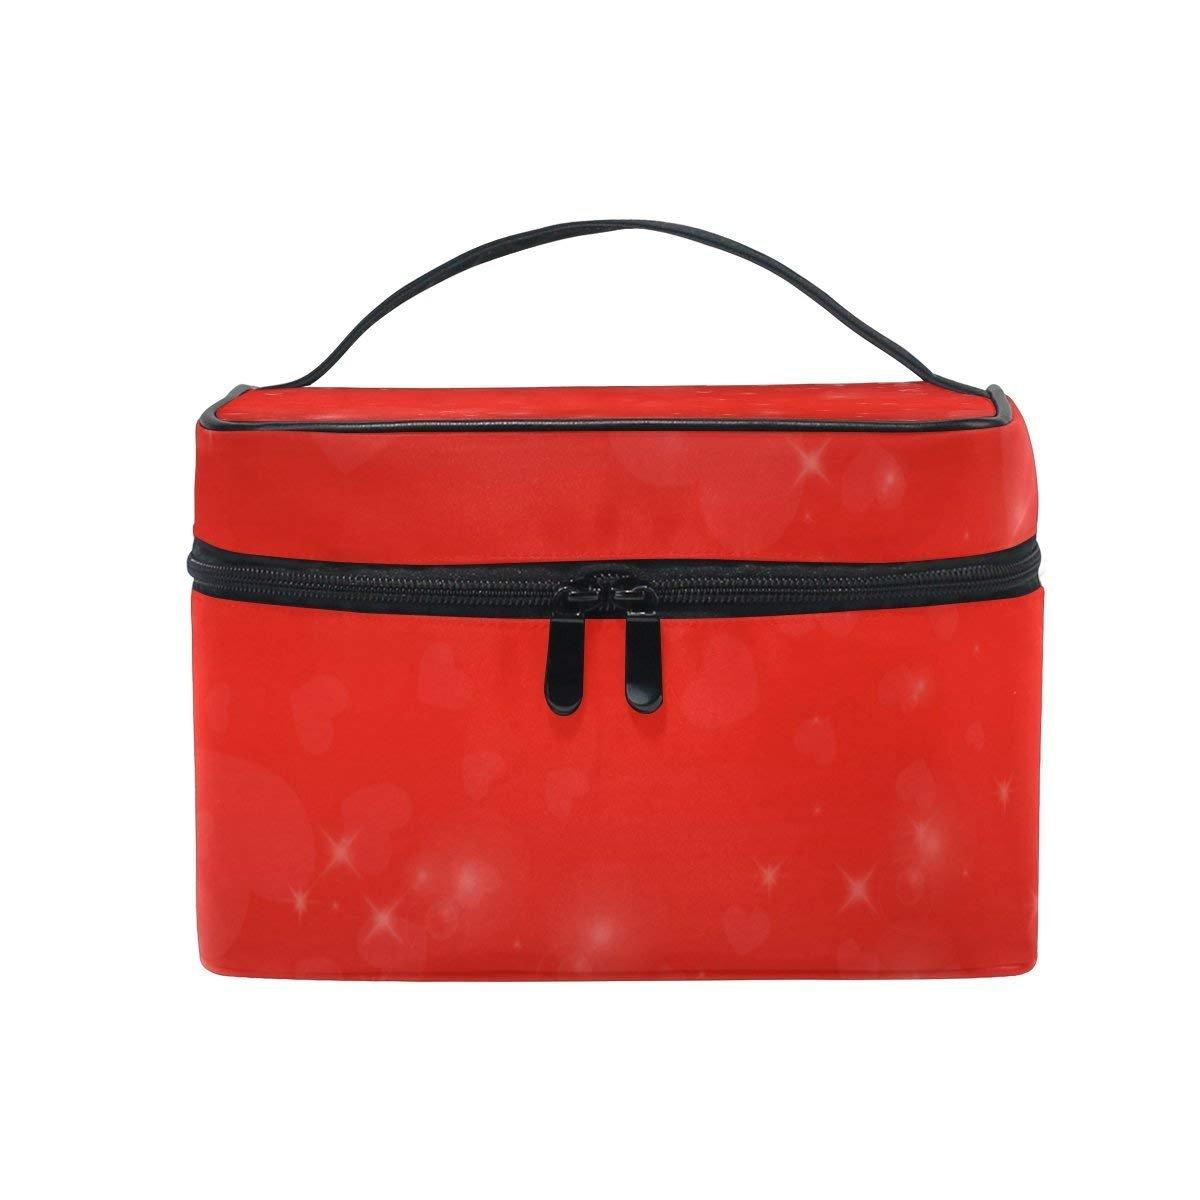 Makeup Bag Sweet Red Love Heart Mens Travel Toiletry Bag Mens Cosmetic Bags for Women Fun Large Makeup Organizer